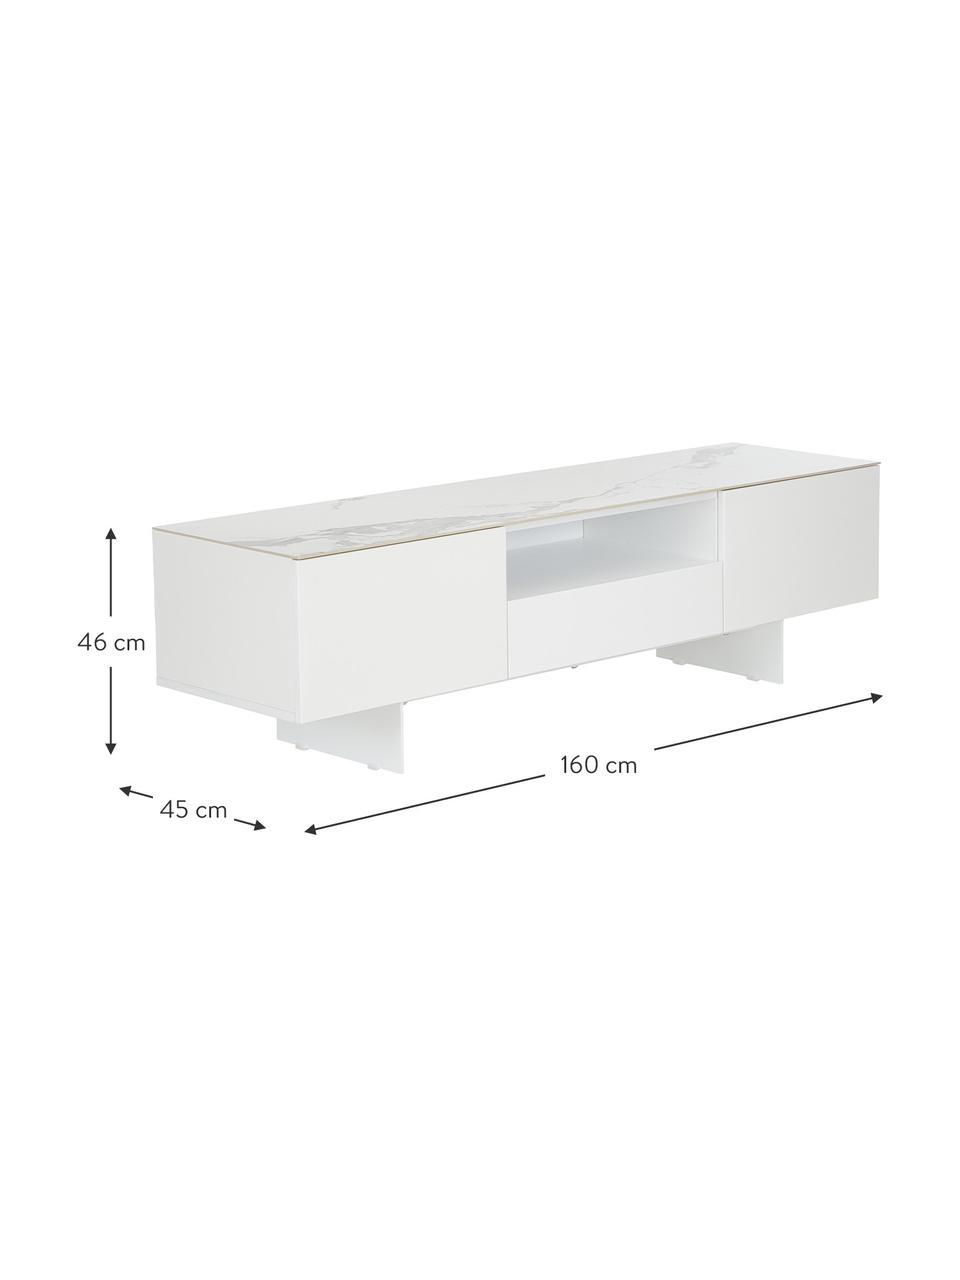 Weißes TV-Lowboard Fiona mit Oberfläche in Marmor-Optik, Korpus: Mitteldichte Holzfaserpla, Füße: Metall, pulverbeschichtet, Ablagefläche: Keramik, Korpus: Weiß, mattFüße: Weiß, mattAblagefläche: Weiß, marmoriert, 160 x 46 cm